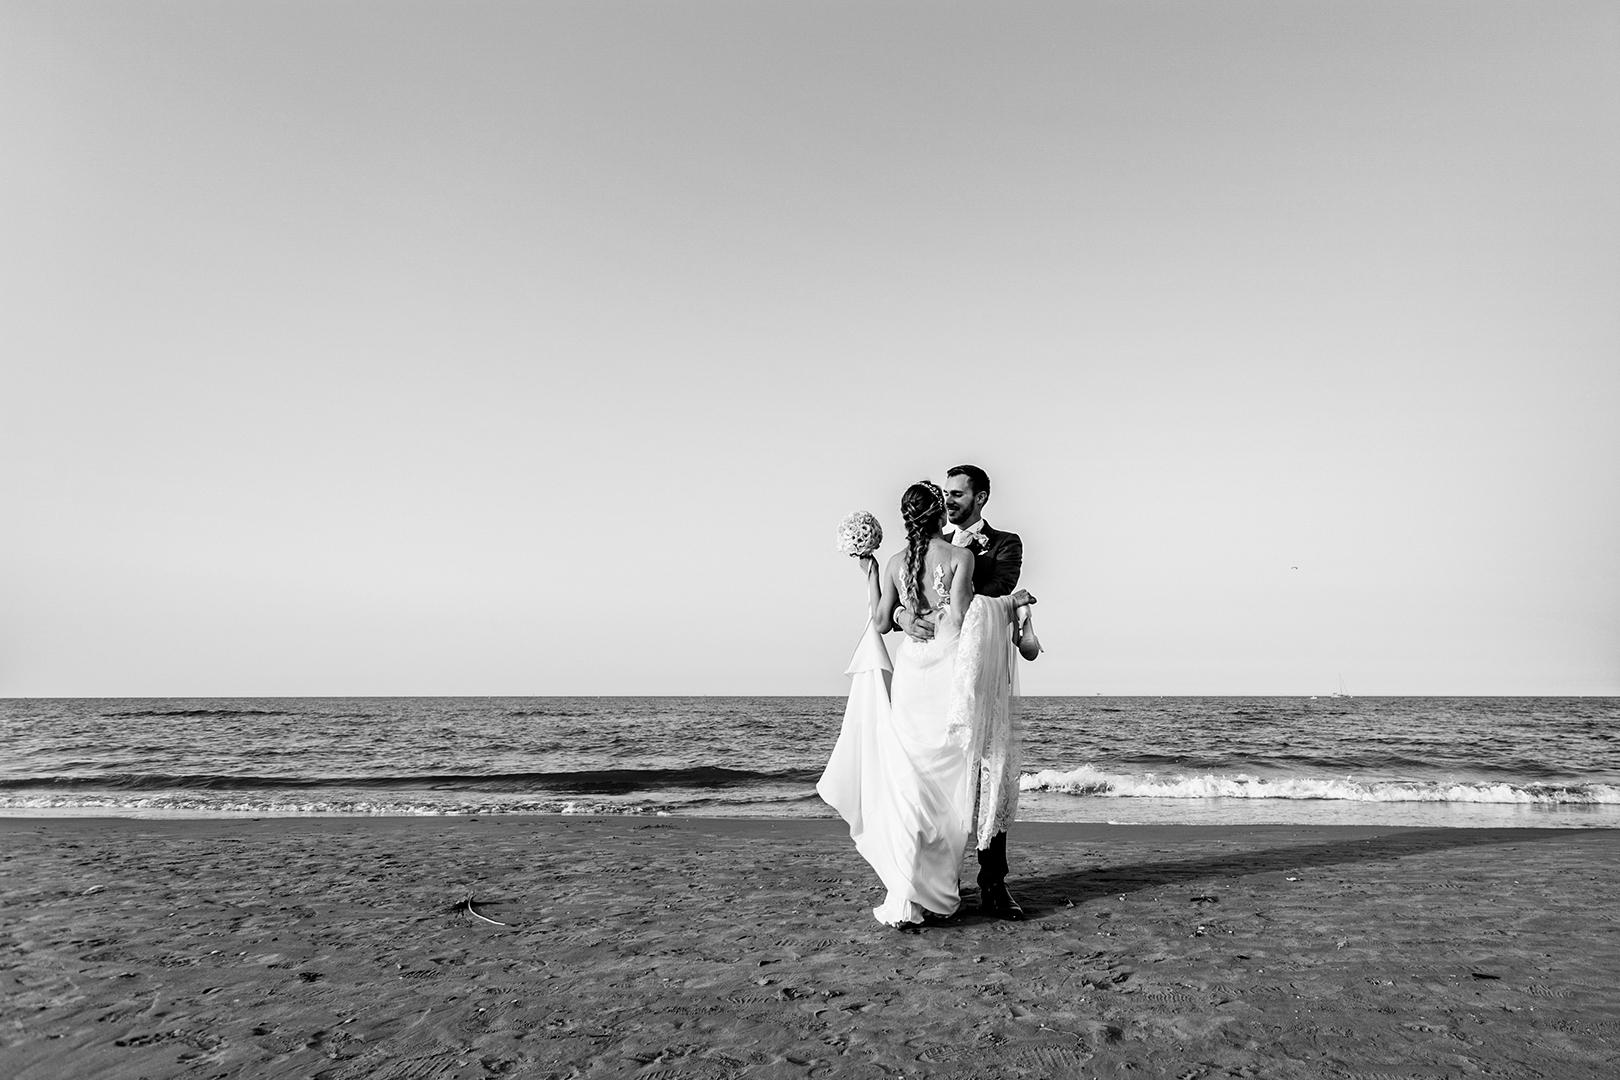 45 gianni-lepore-fotografo-sposi-bride-groom-spiaggia-mare-matrimonio-bianco-nero